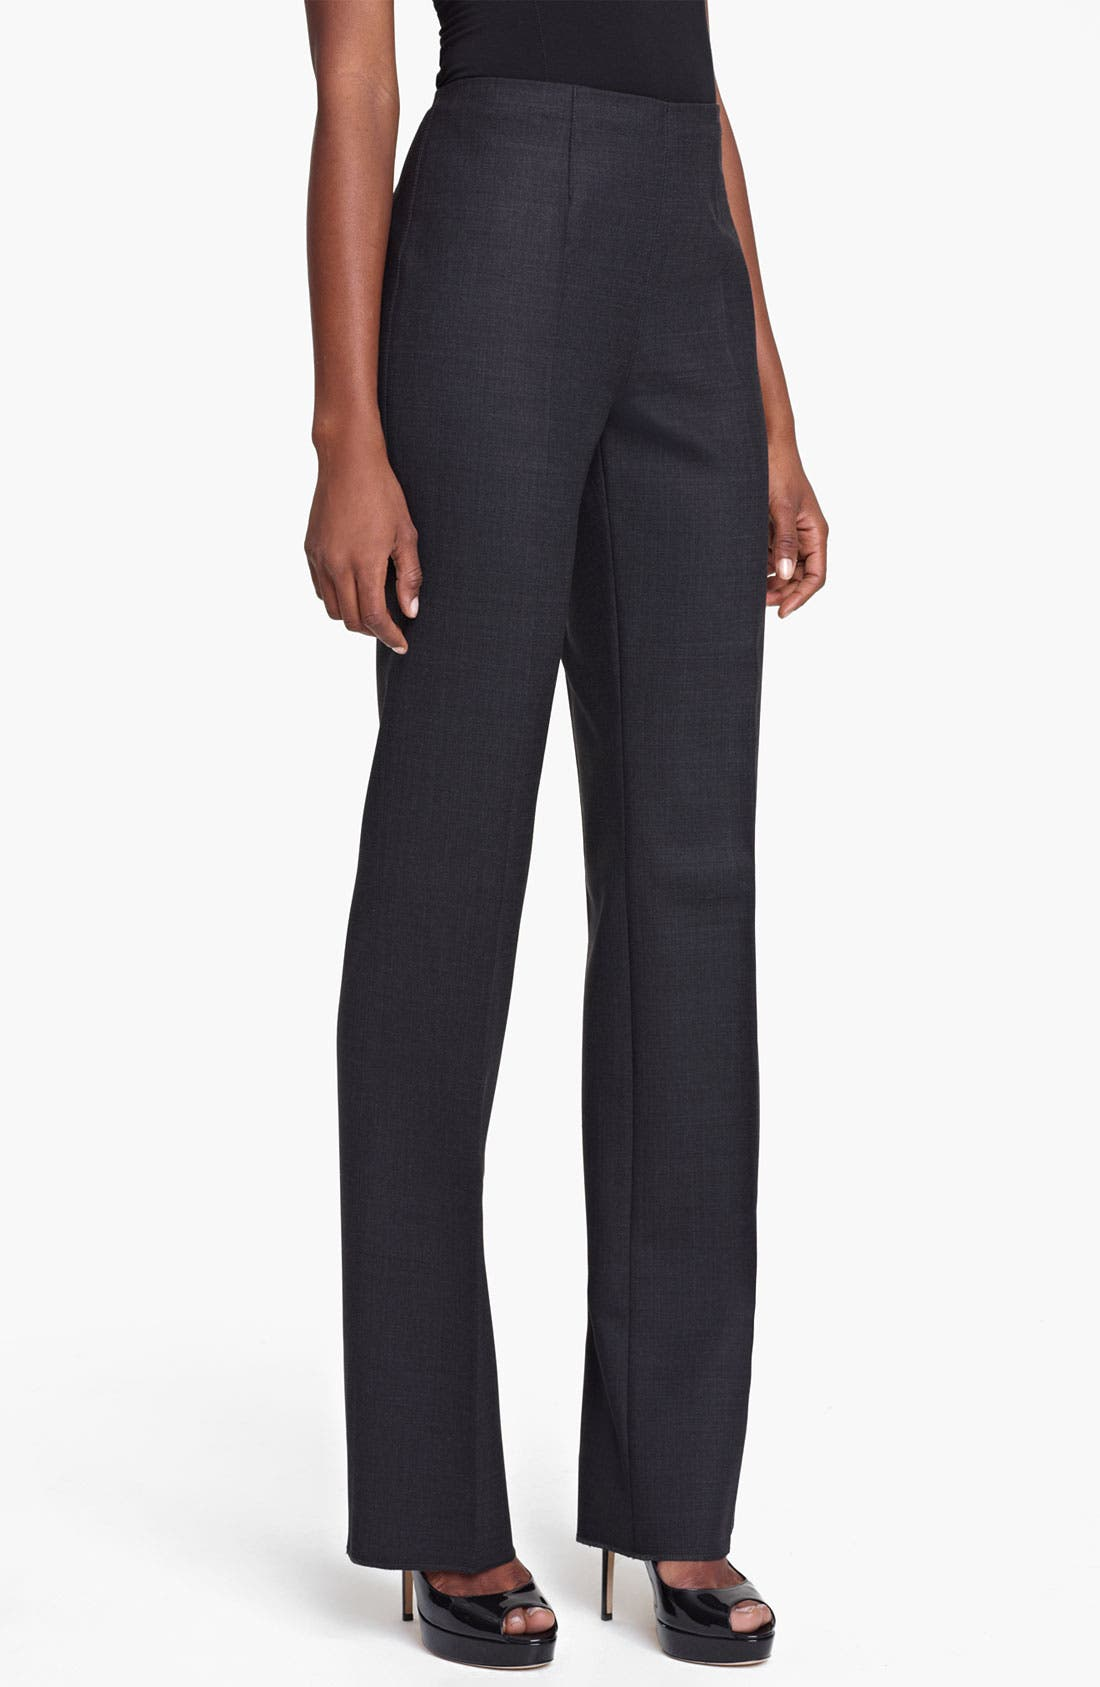 Main Image - Max Mara 'Davos' Slim Wool Pants